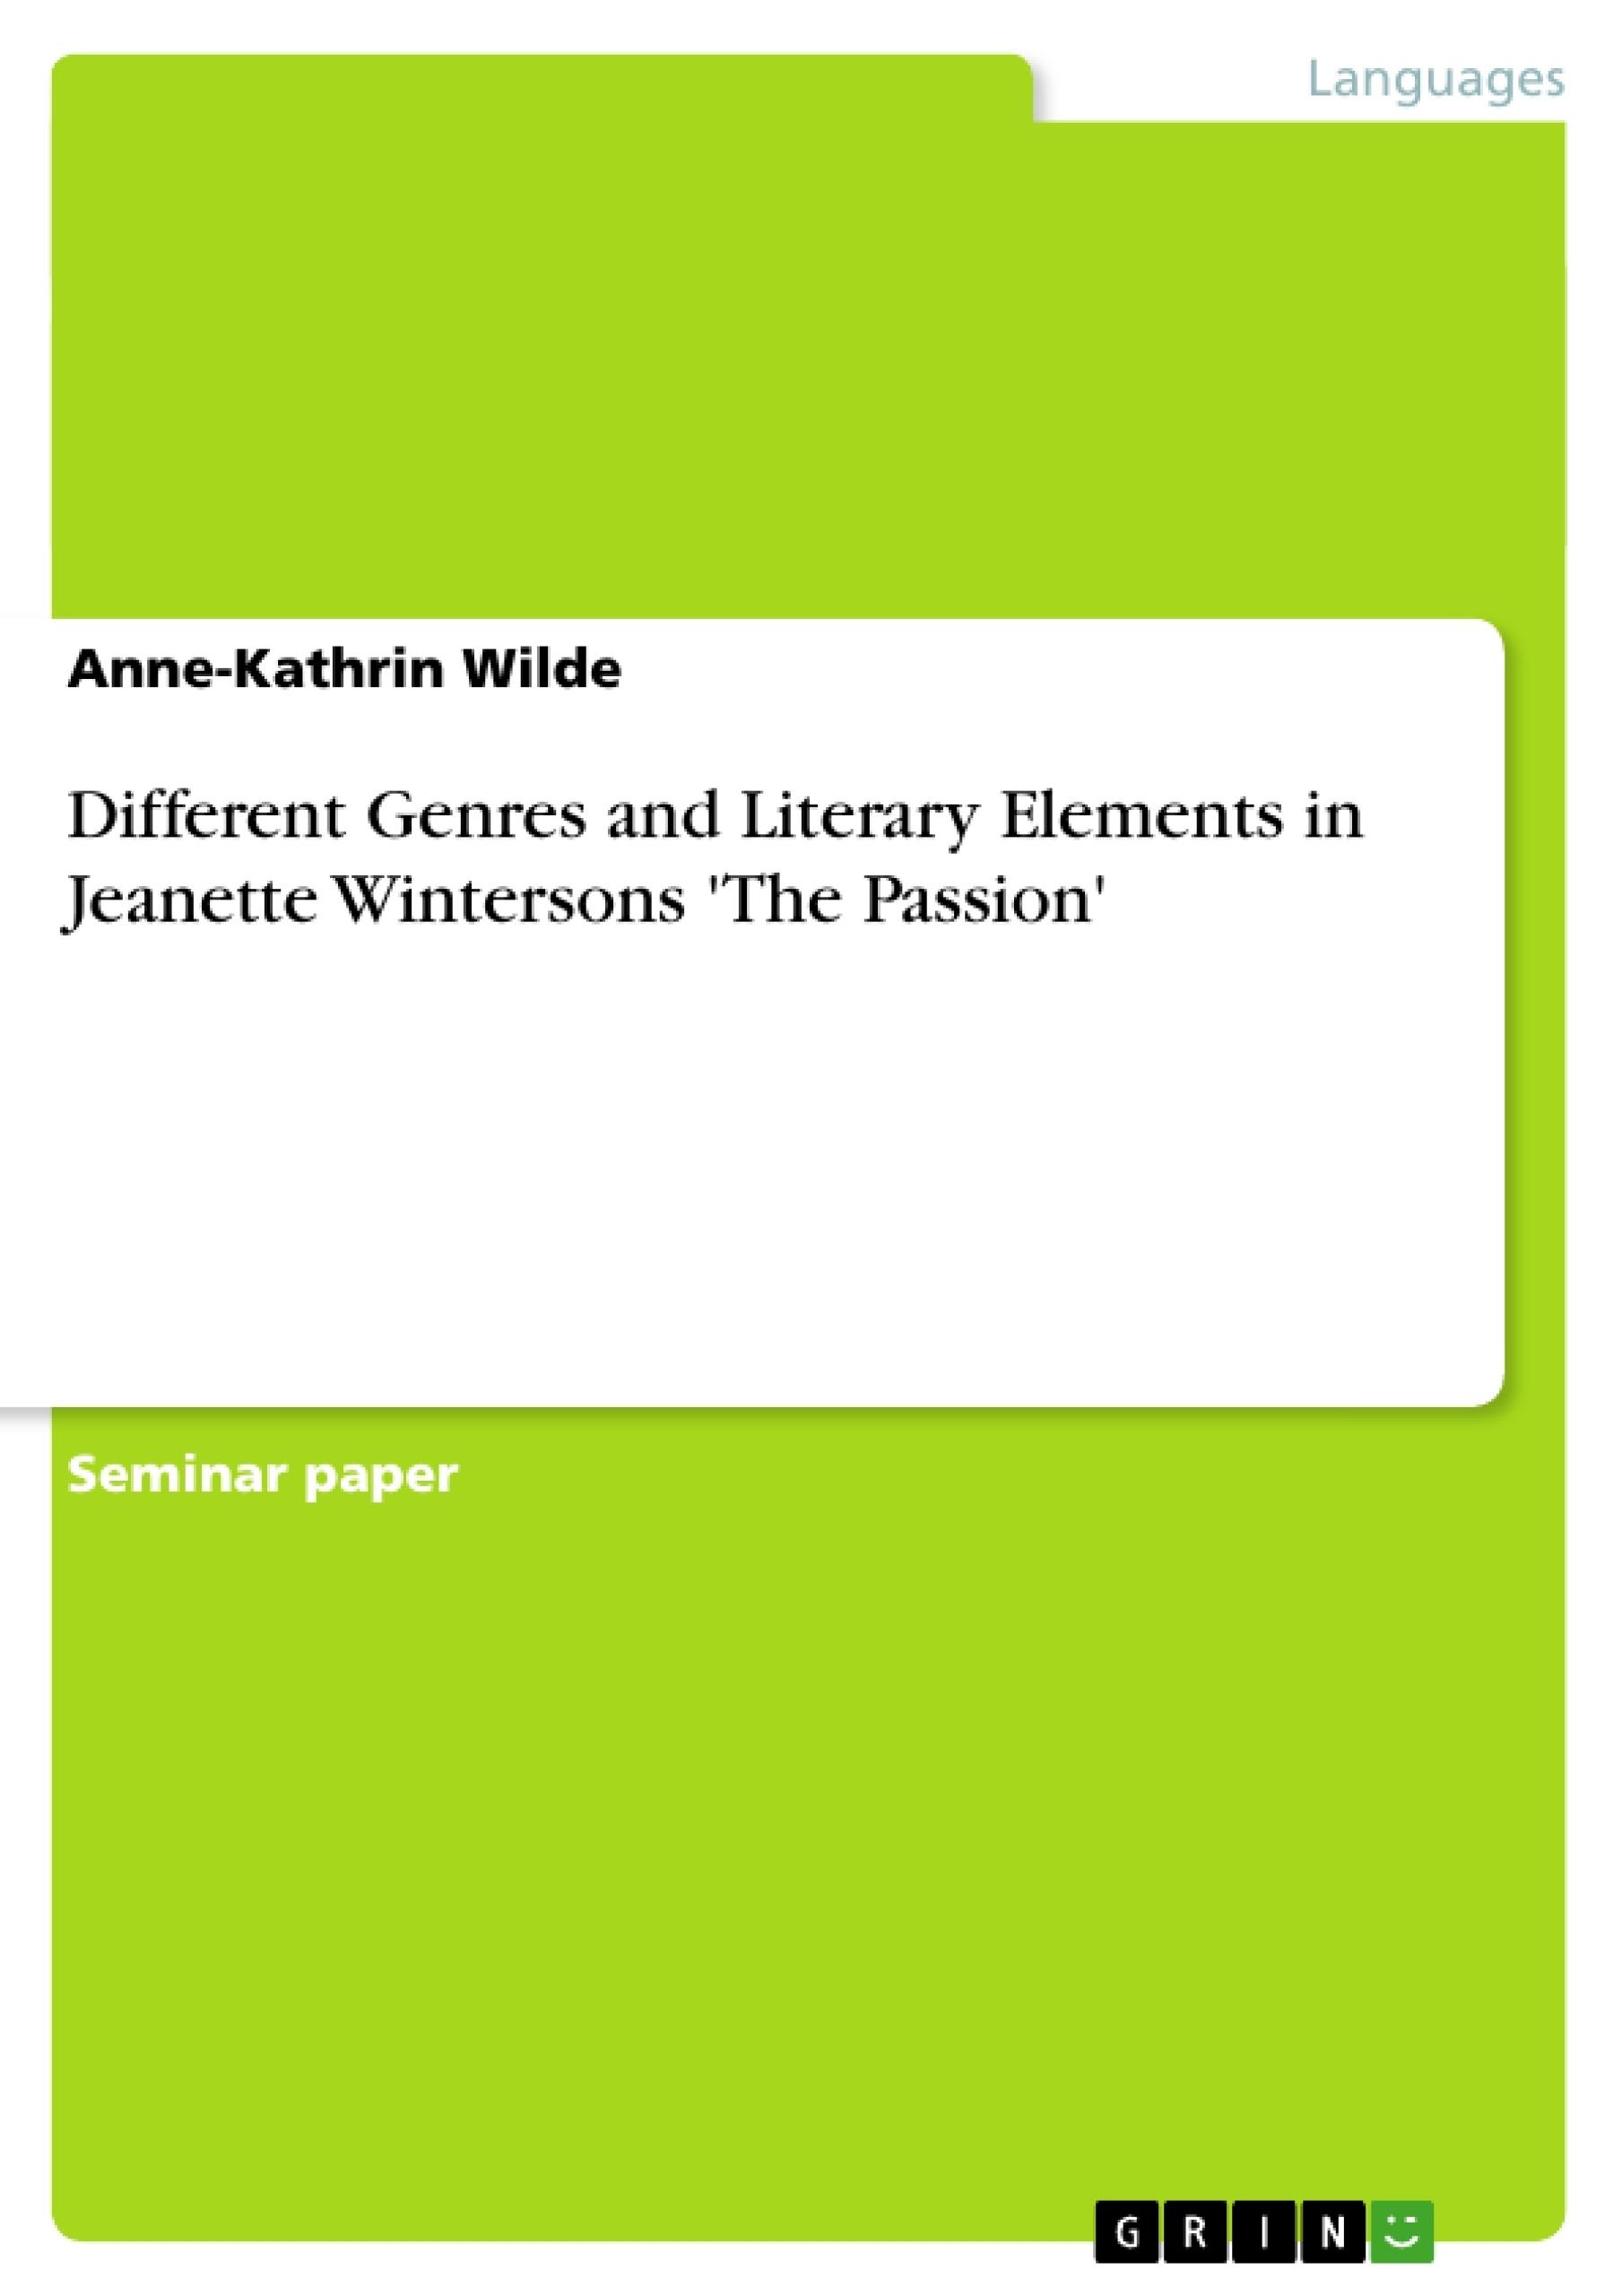 Brian Finney Essay on Jennette Winterson